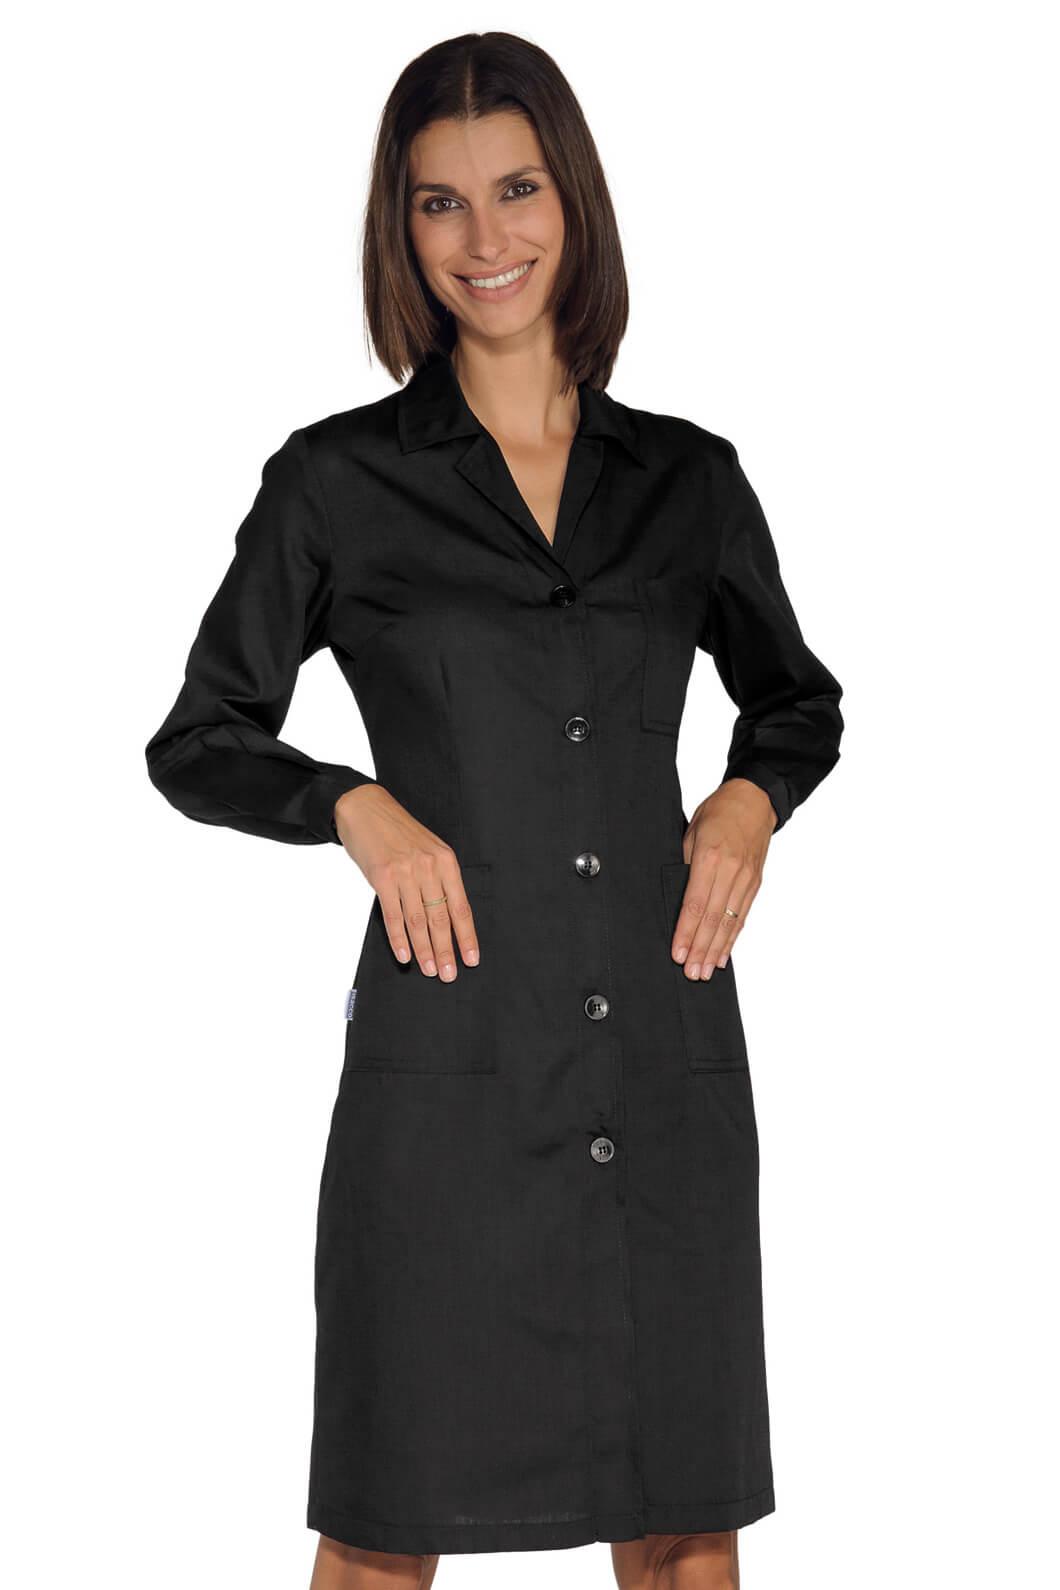 blouse de travail femme manches longues noire. Black Bedroom Furniture Sets. Home Design Ideas